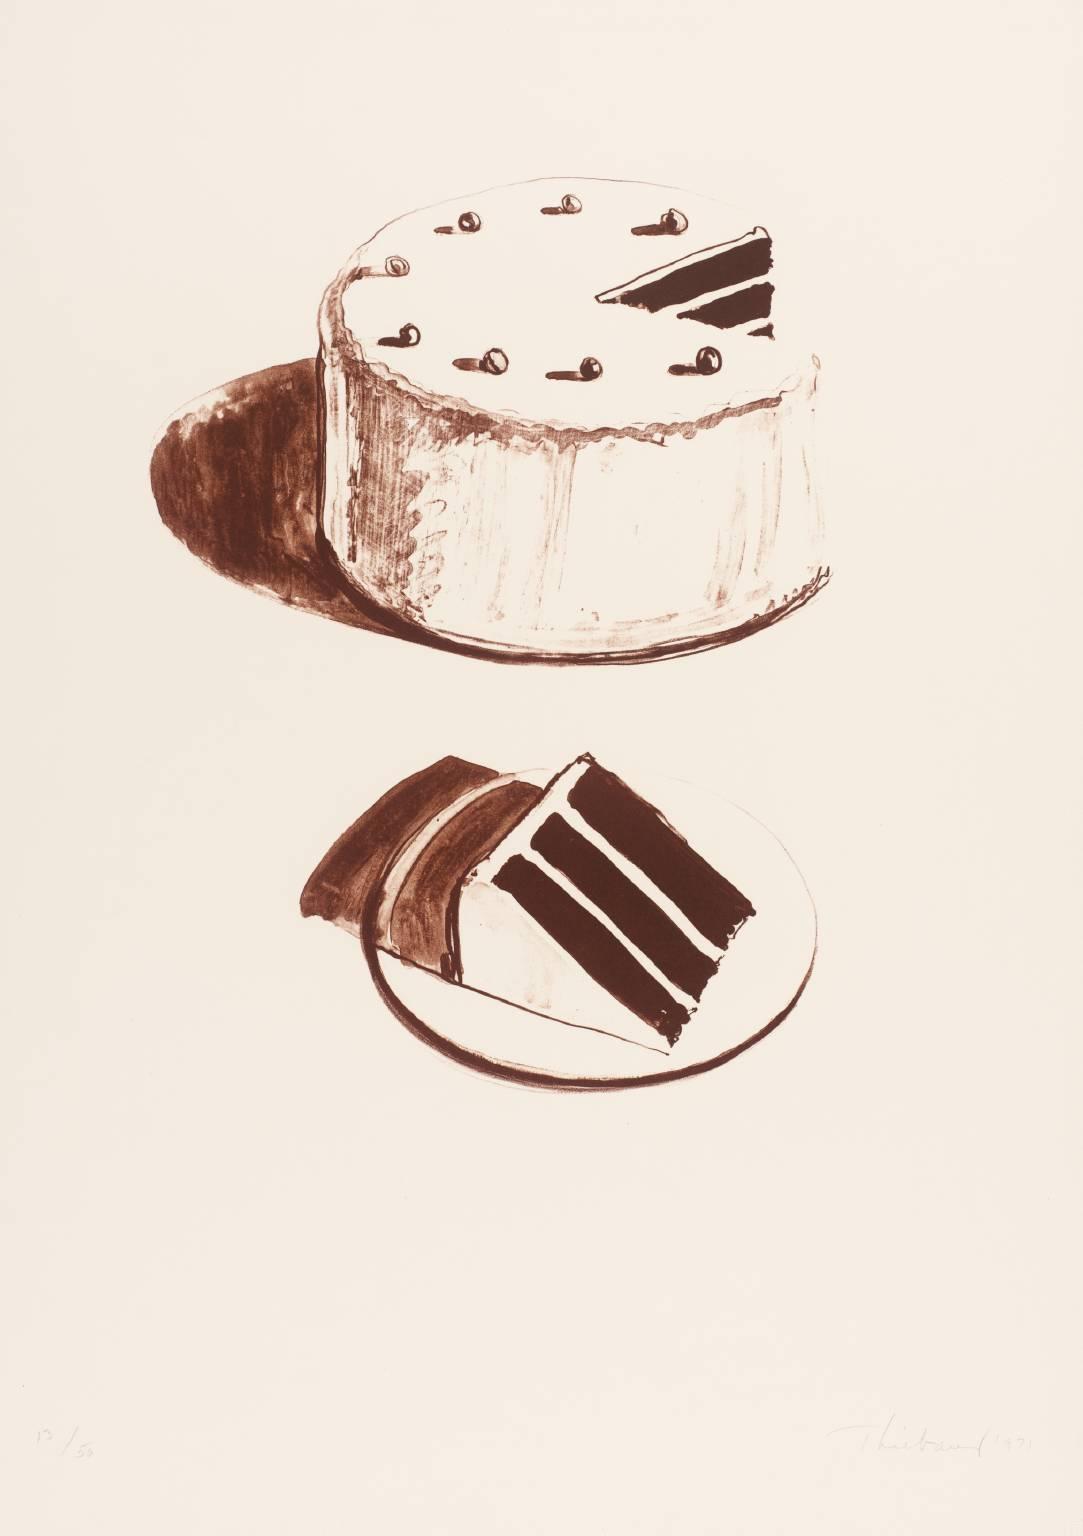 Chocolate Cake 1971 by Wayne Thiebaud born 1920